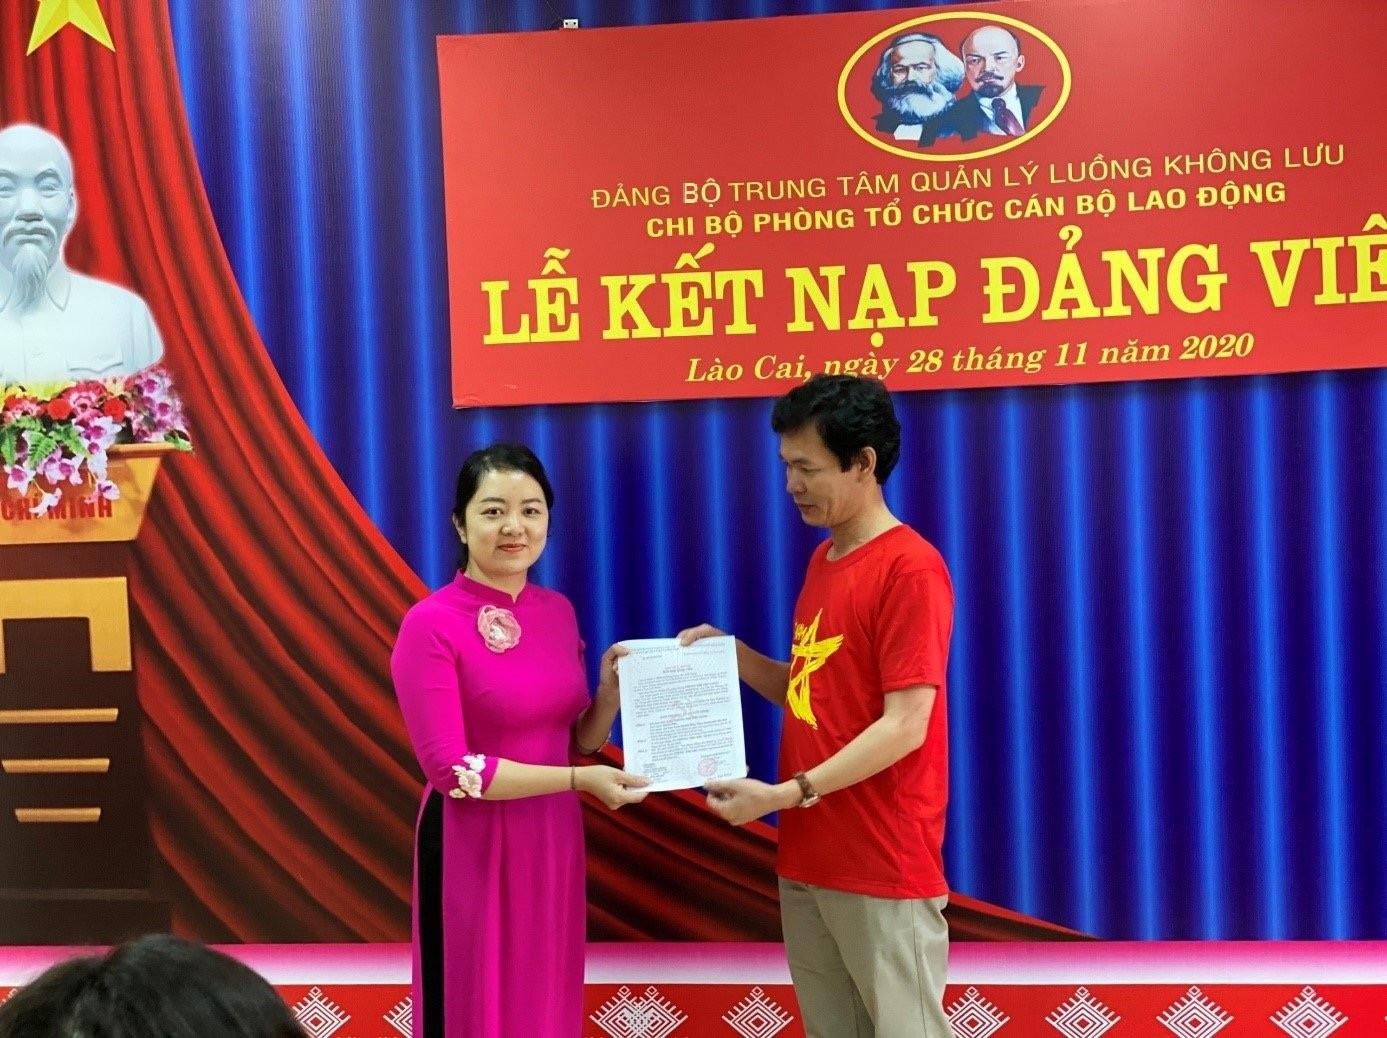 Chi bộ Phòng Tổ chức cán bộ - Lao động thuộc Đảng ủy cơ sở Trung tâm Quản lý luồng không lưu tổ chức kết nạp đảng viên mới